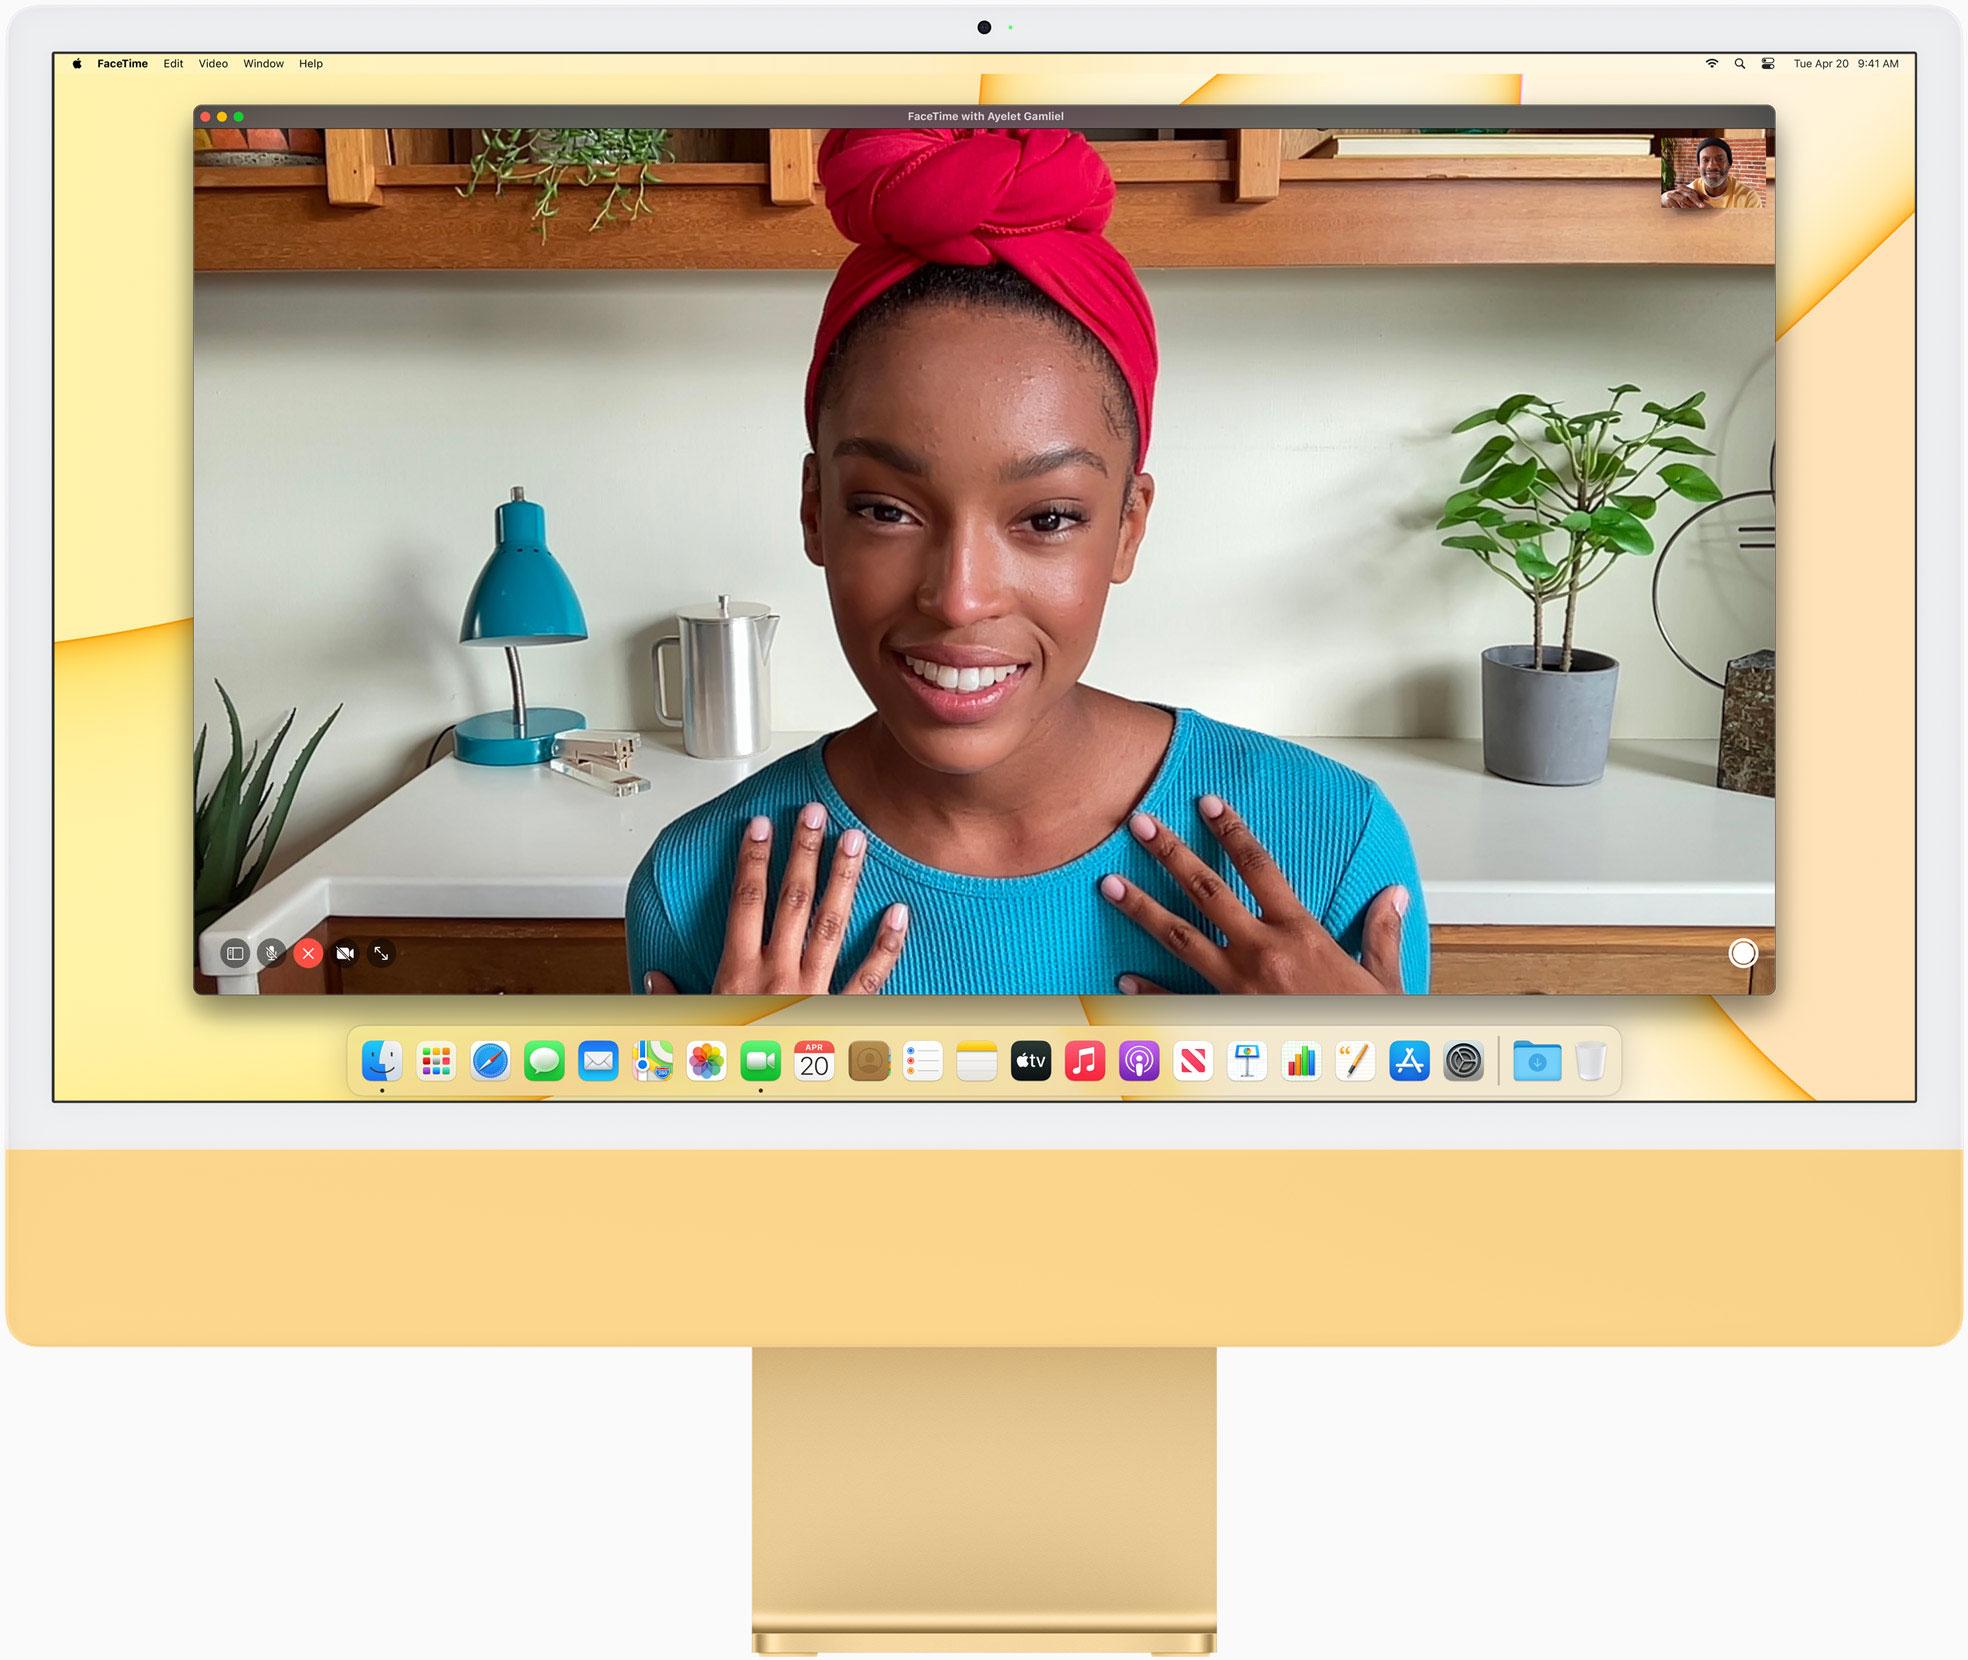 iMac Apple Silicon amarillo con cámara frontal 1080p